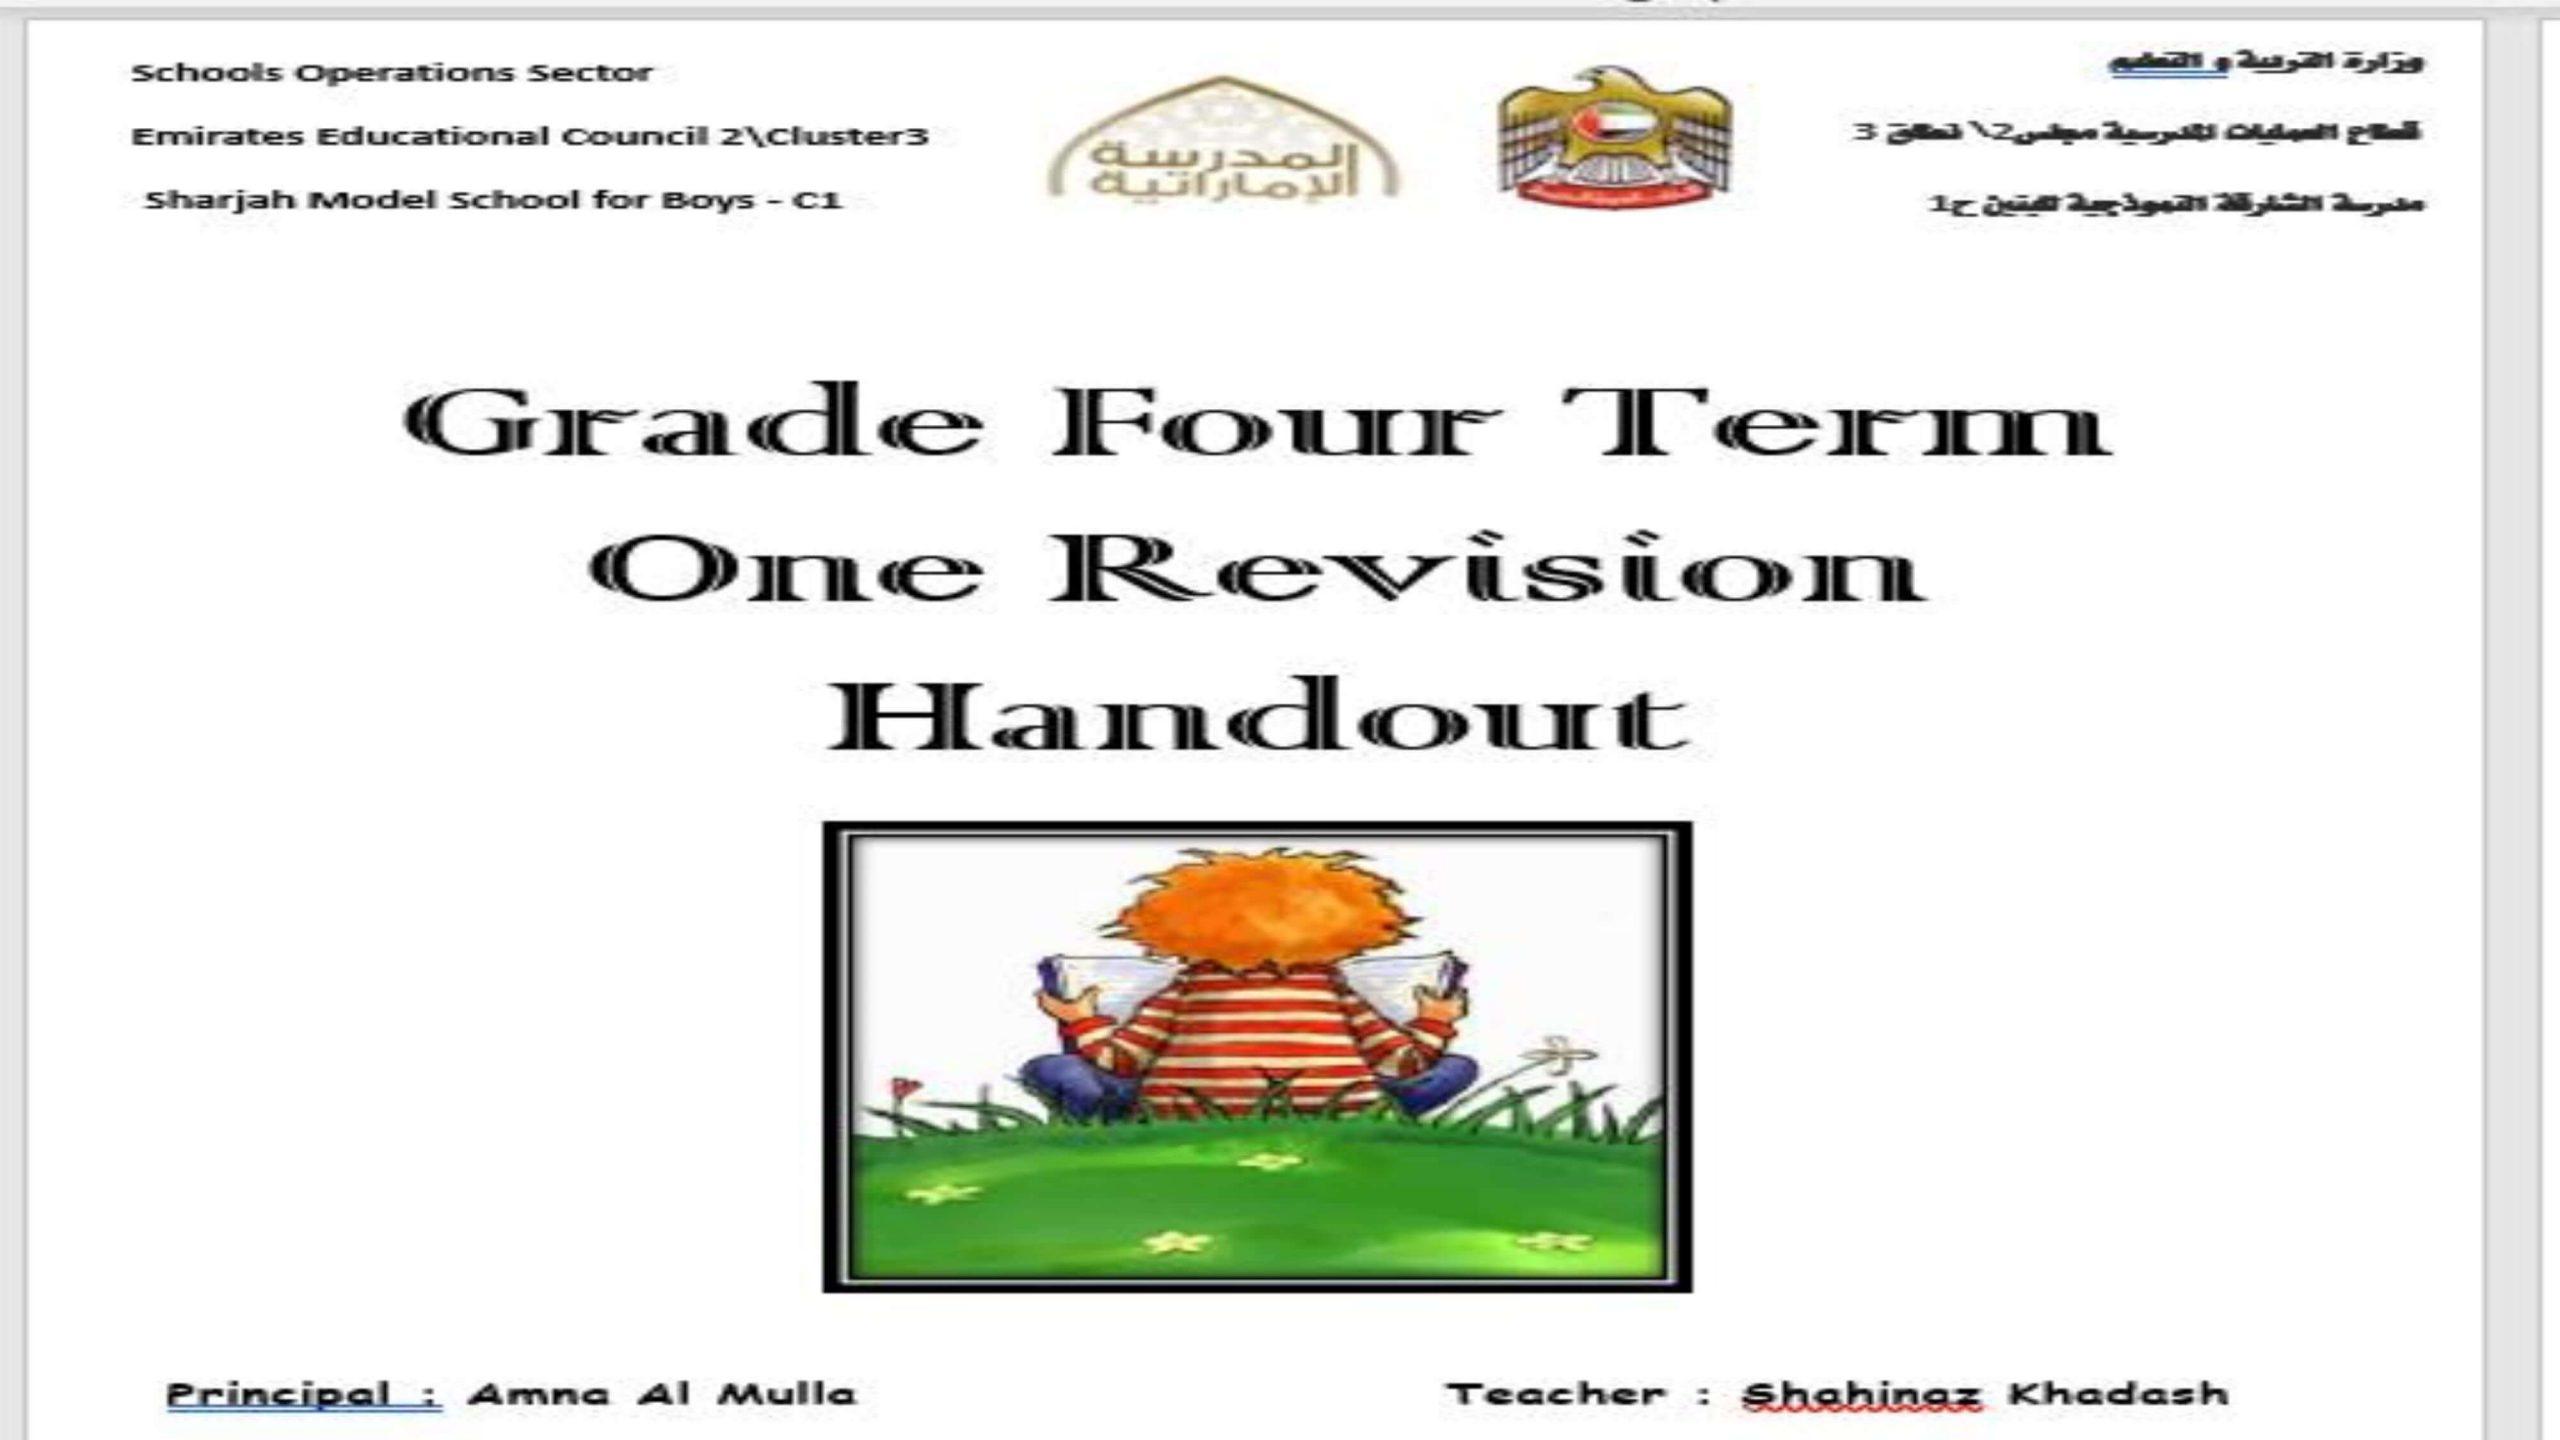 حل اوراق عمل مراجعة عامة الصف الرابع مادة اللغة الانجليزية